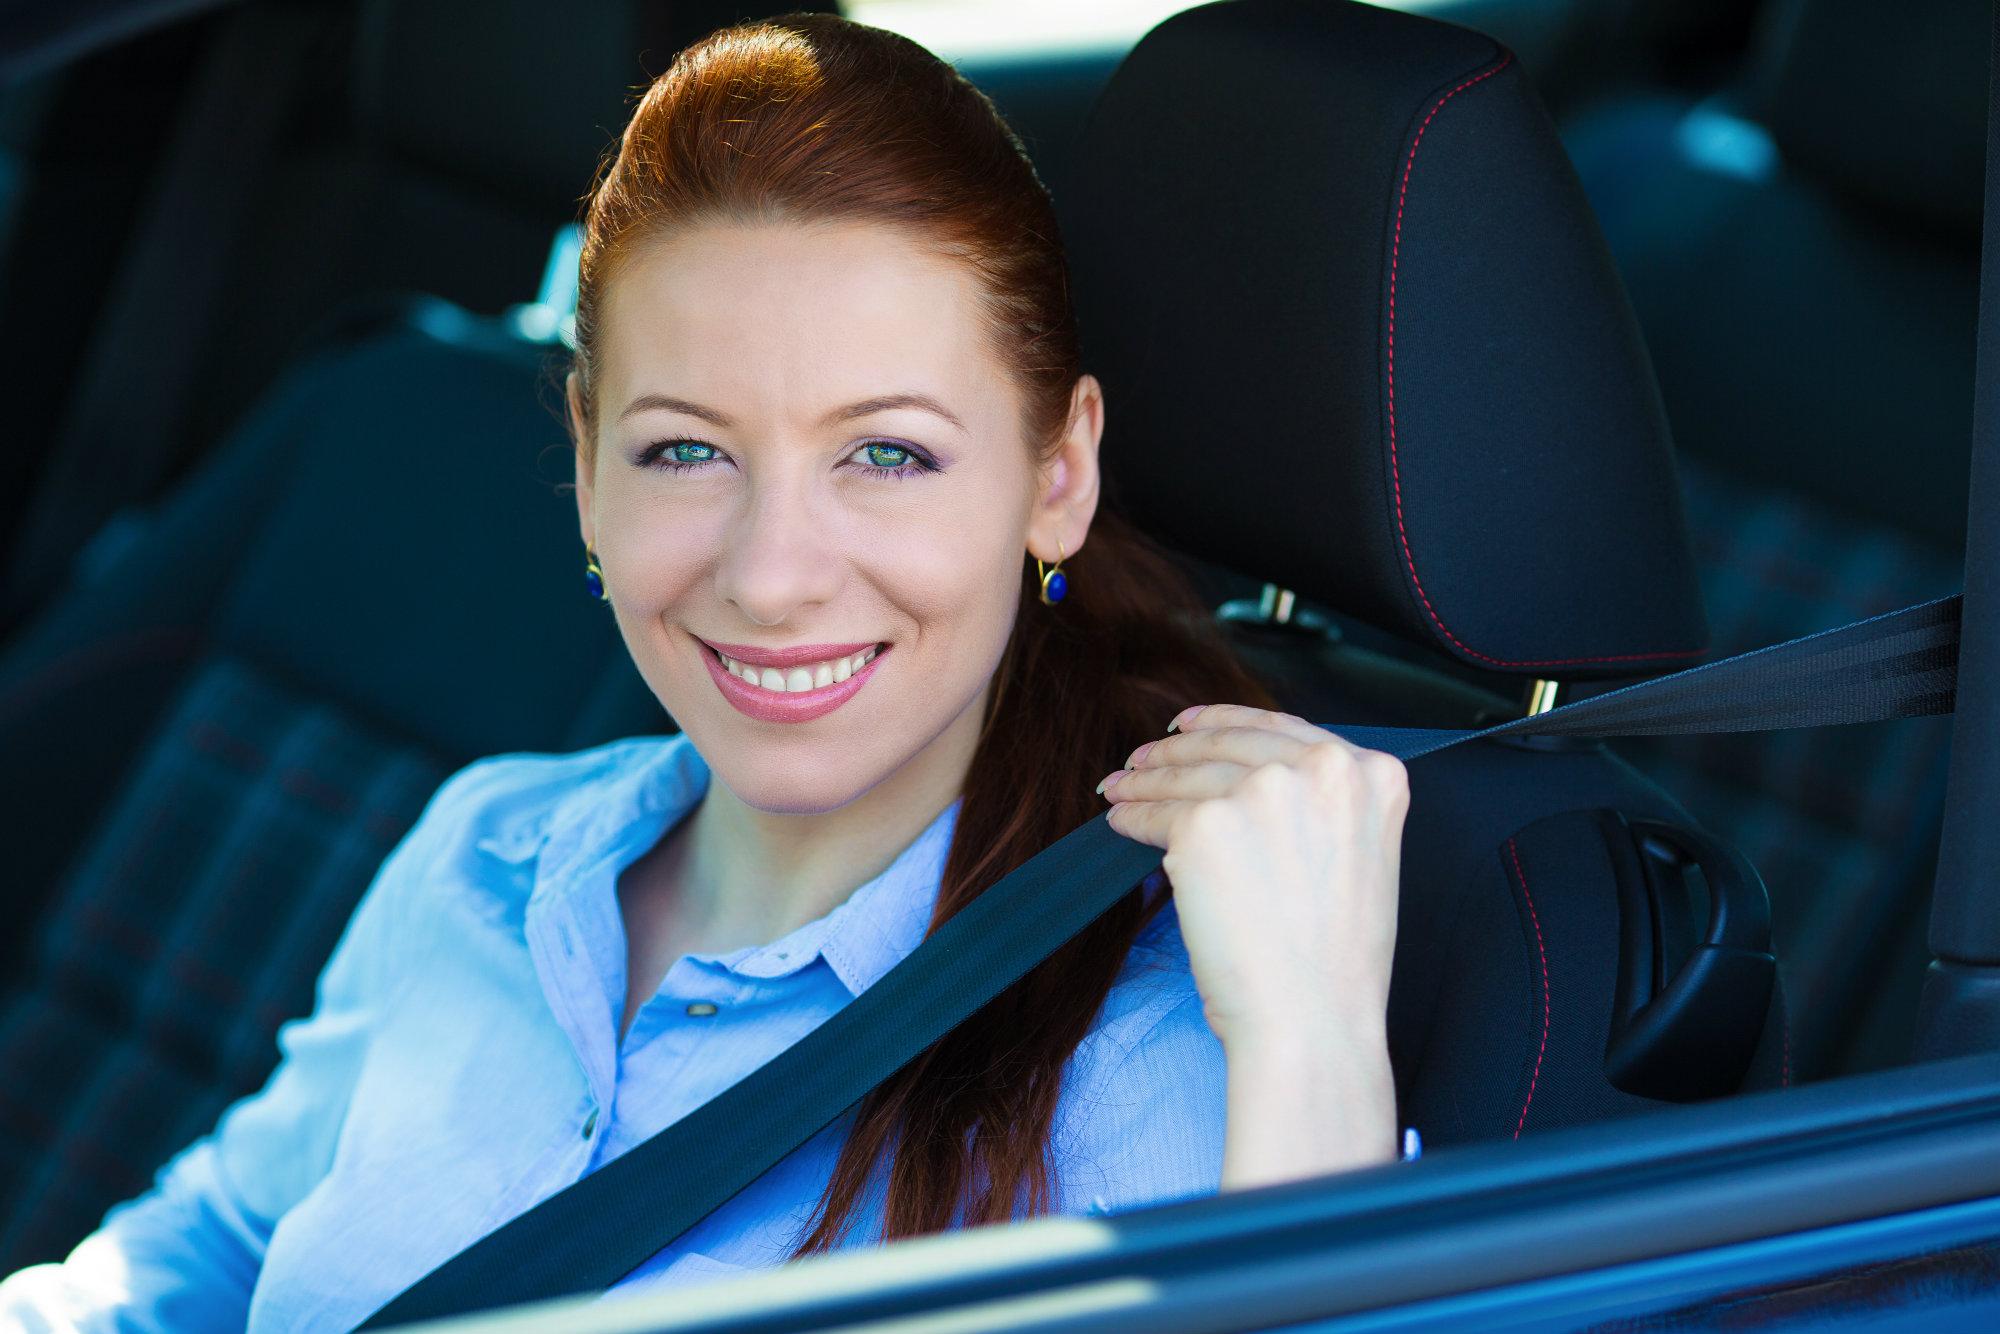 8. El uso del cinturón de seguridad reduce entre 45 y 50% el riesgo de accidente mortal entre los pasajeros sentados en la parte delantera. Aproximadamente 105 países, que representan el 67% de la población mundial, cuentan con leyes que exigen la utilización del cinturón de seguridad por parte de todos los ocupantes de un vehículo, conforme a las mejores prácticas.